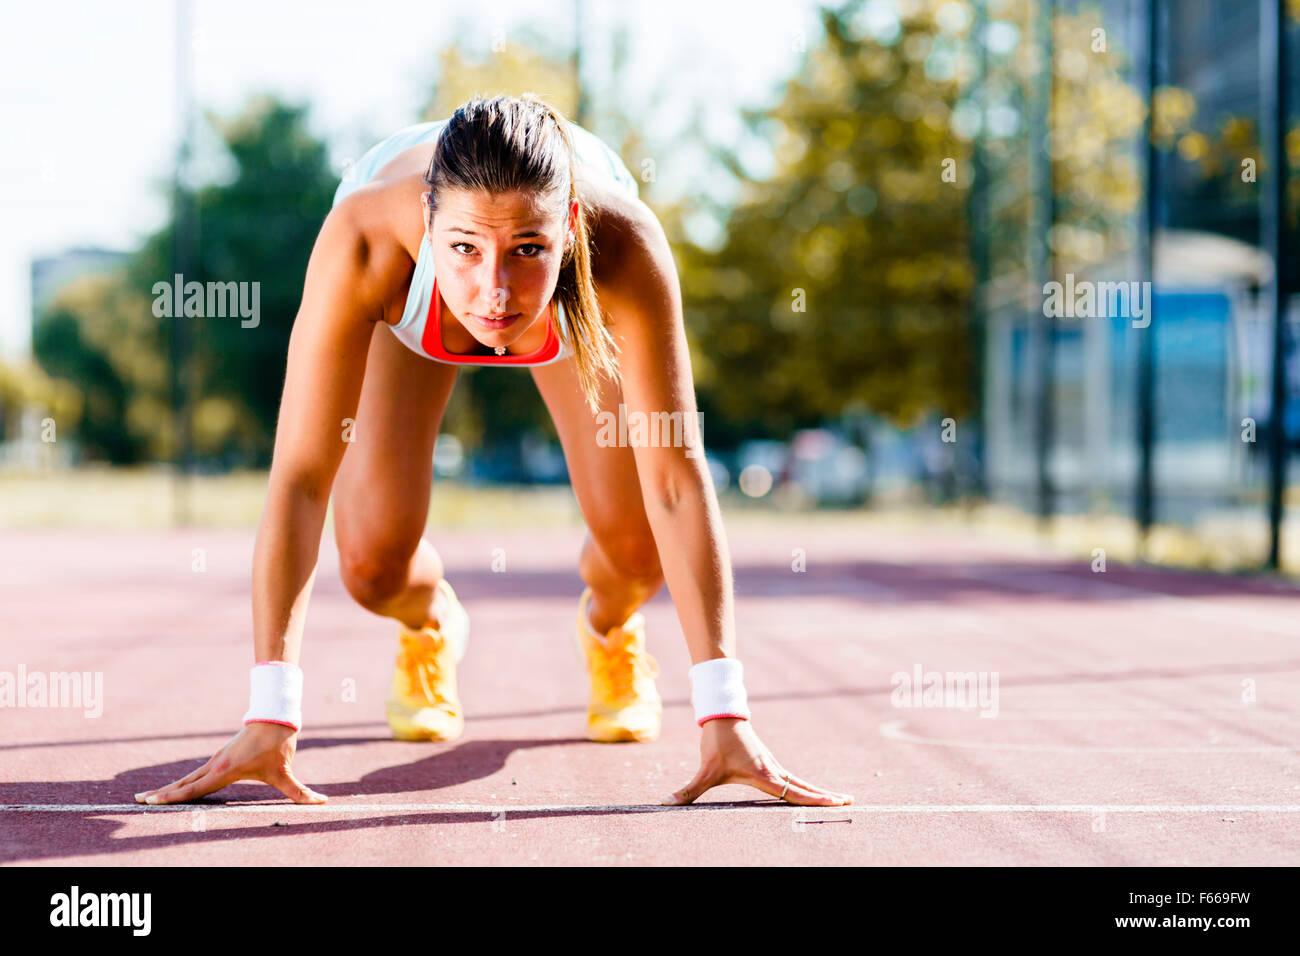 Belle femme sprinter se préparer pour l'exécuter au cours de l'été Photo Stock